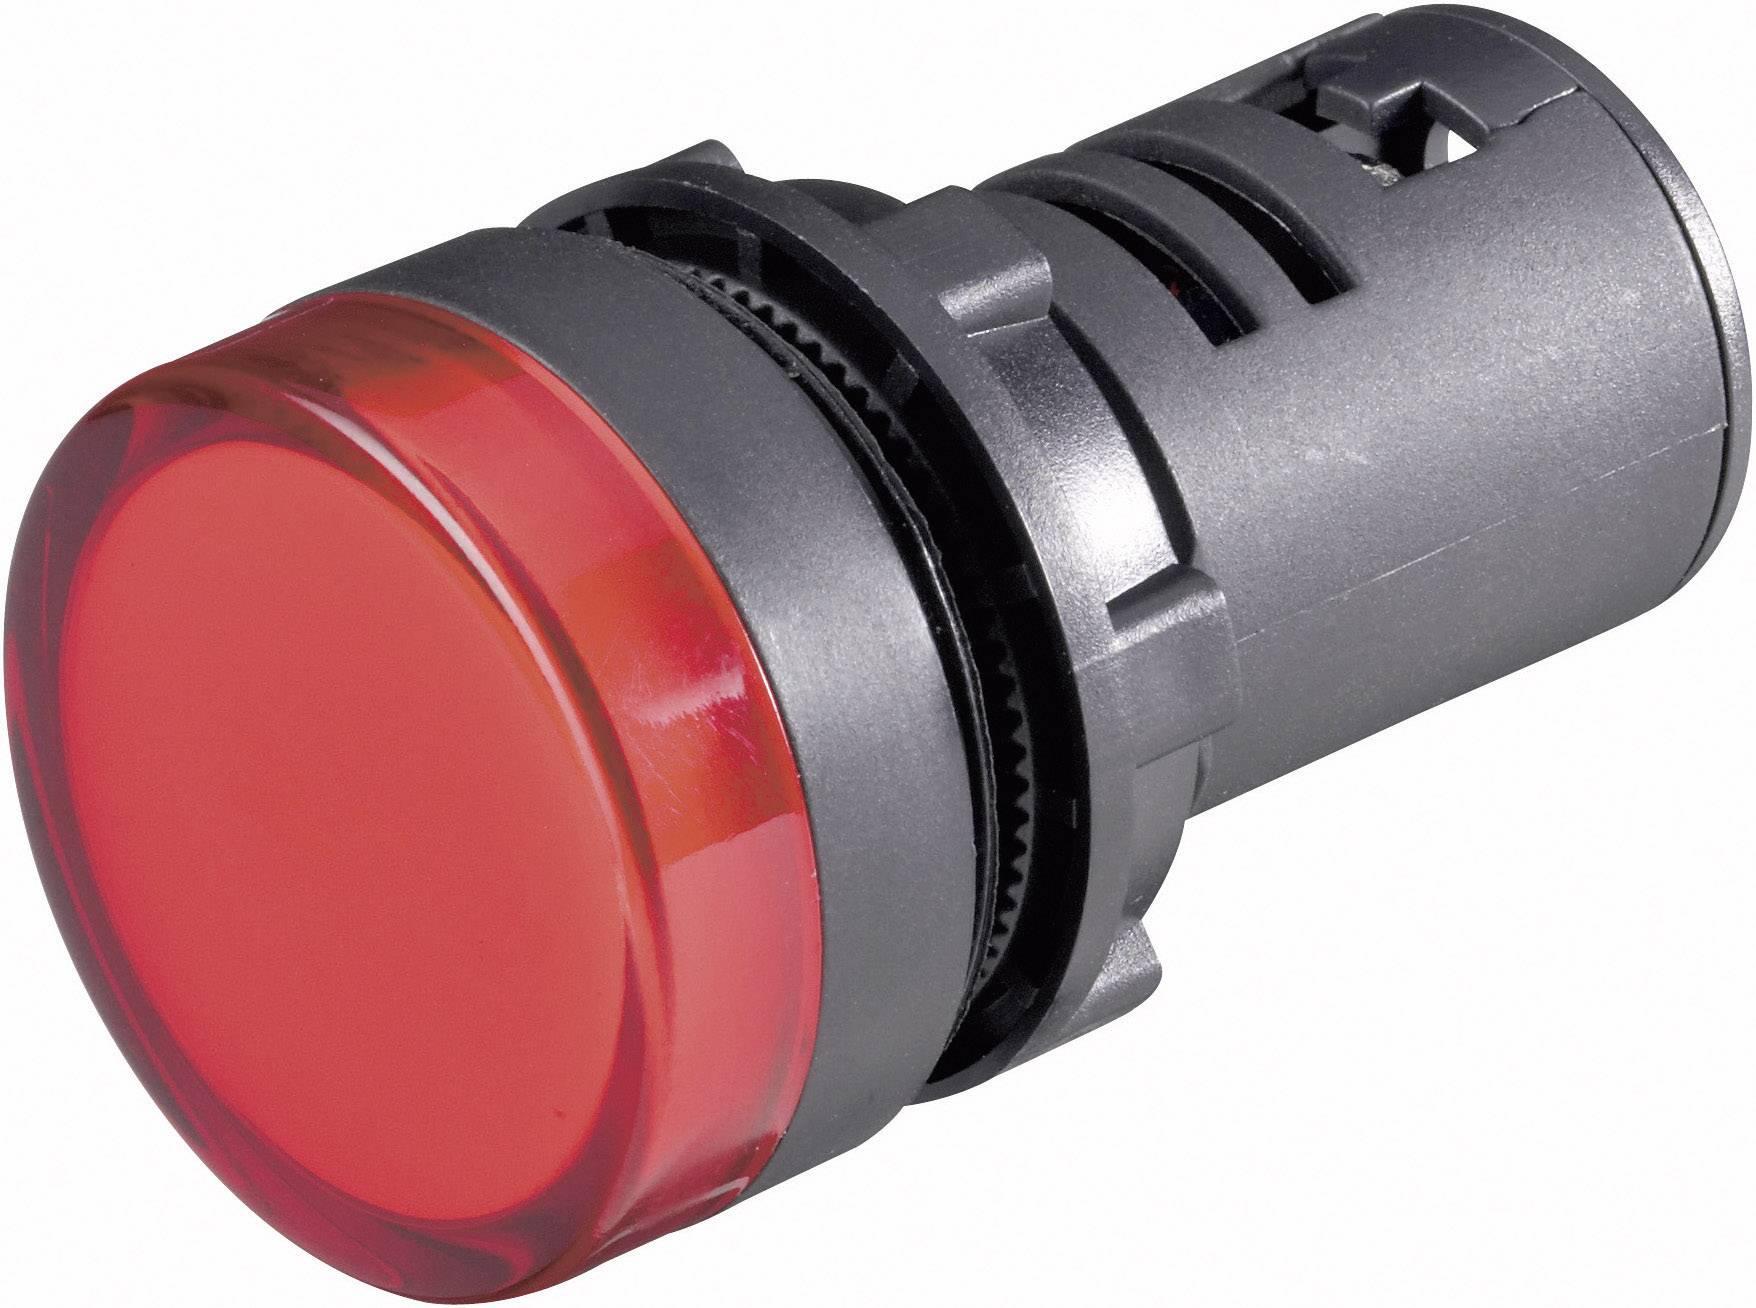 Blikající LED signálka, 22 x 64 mm, 230 V, červená